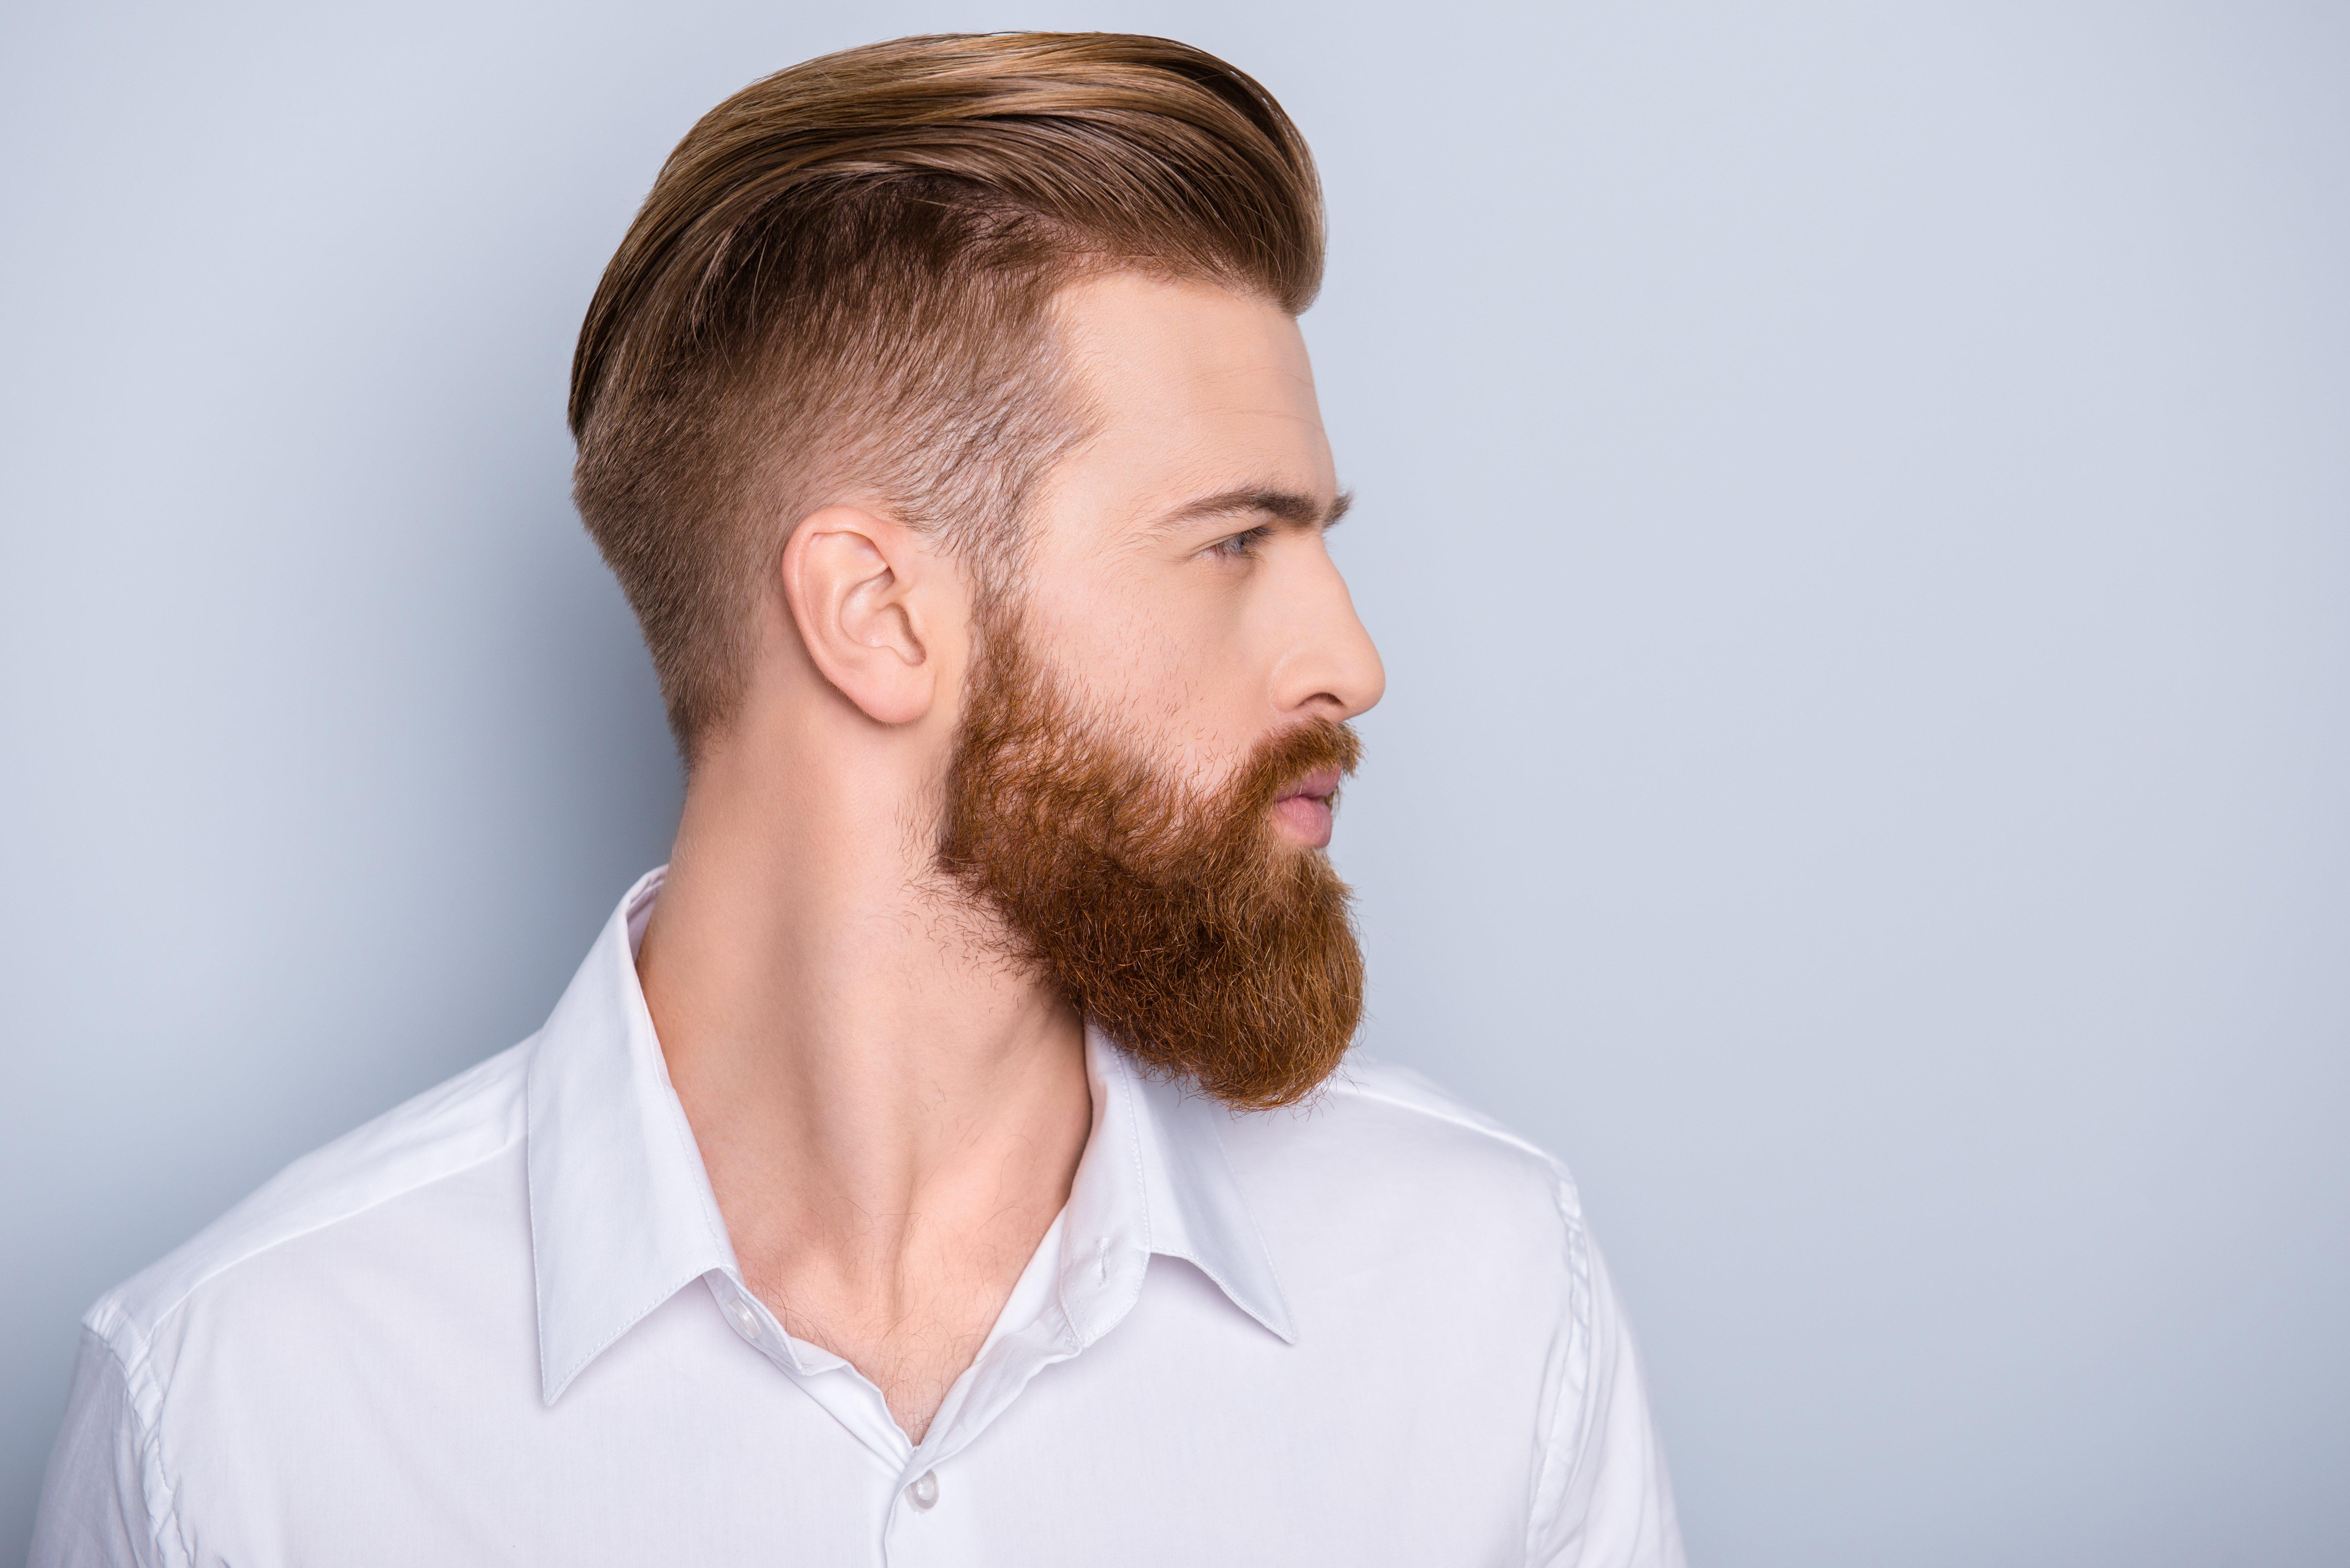 La barba en los hombres es muy sexy y un símbolo de masculinidad